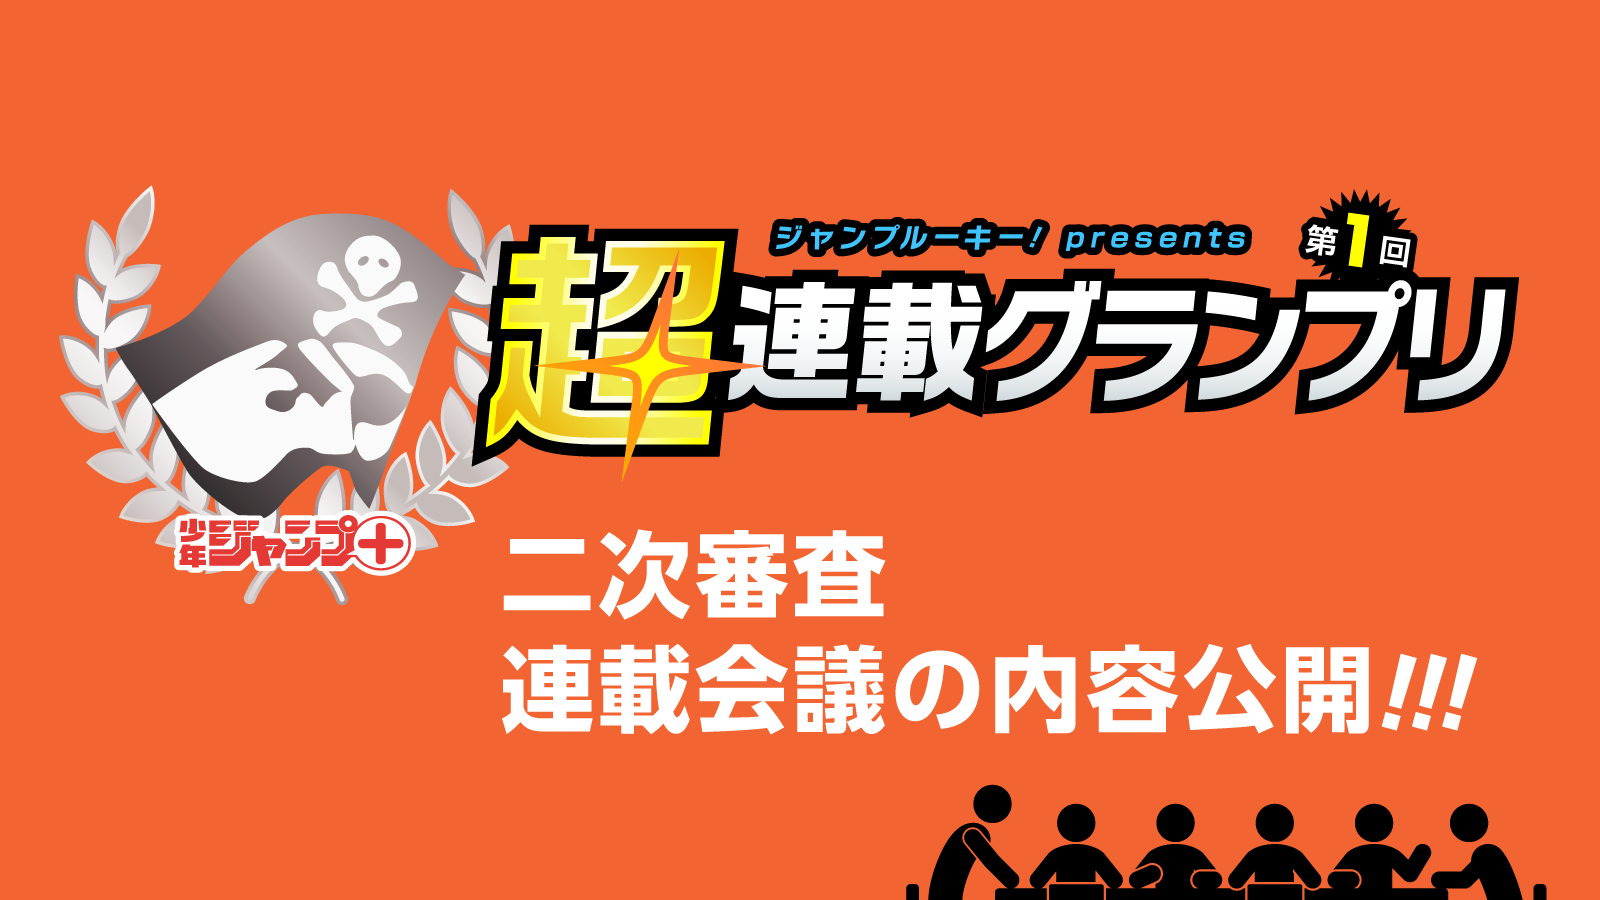 二次審査連載会議の内容公開!!!